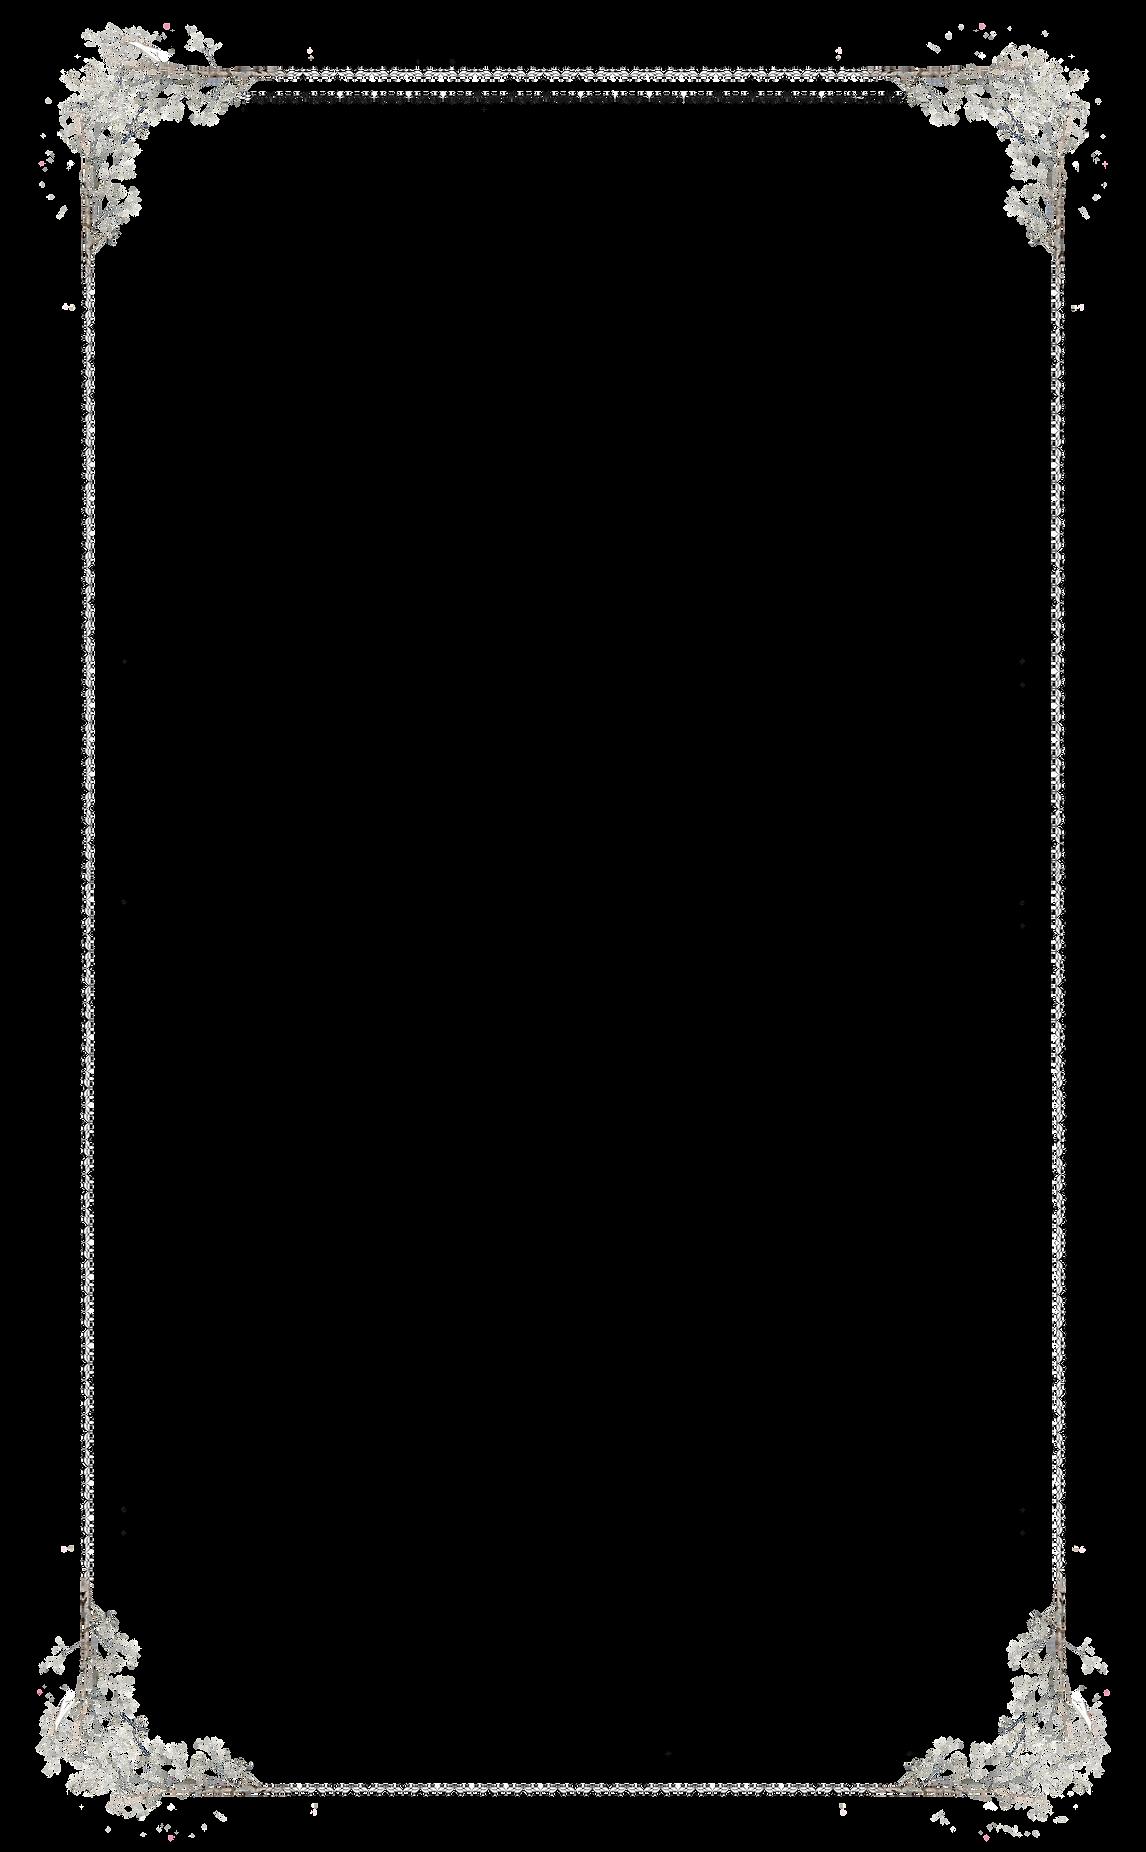 Rahmen lang breite leiste.png